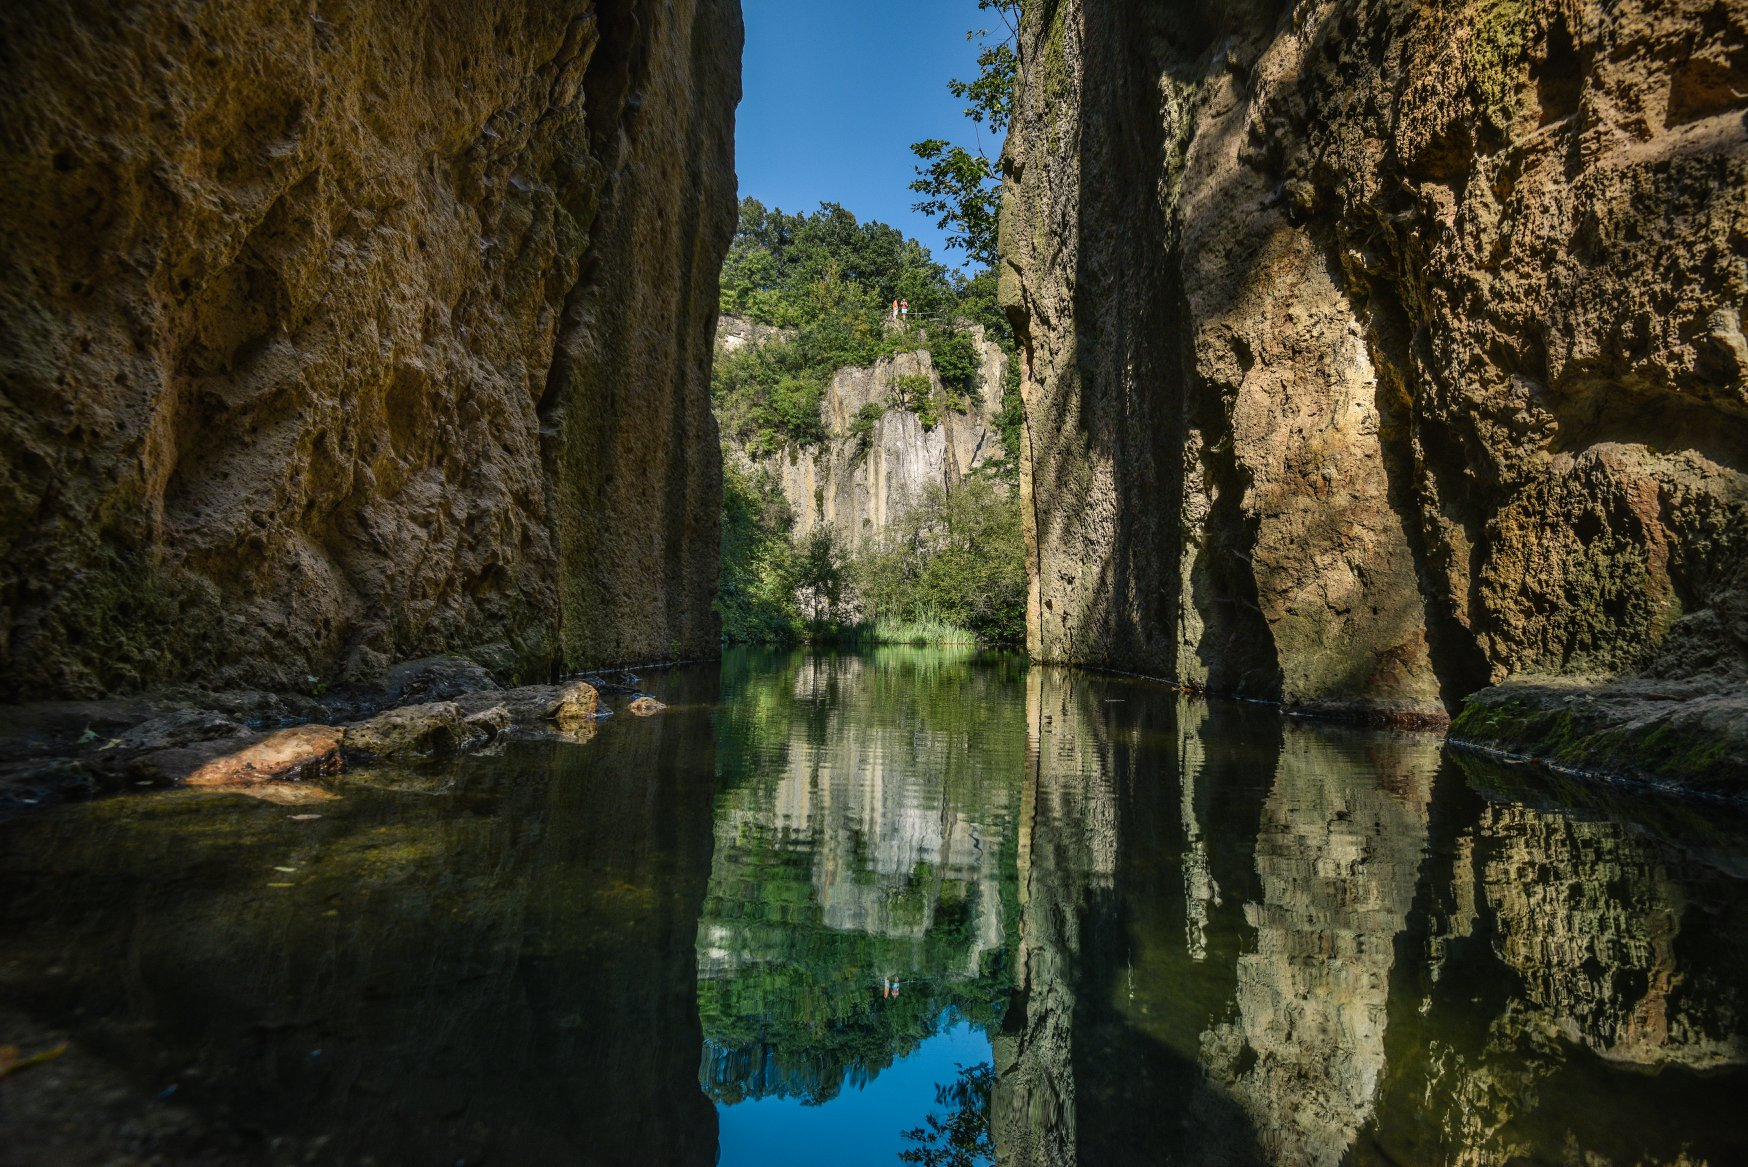 Megyer hegyi tengerszem, Hungary, treasure